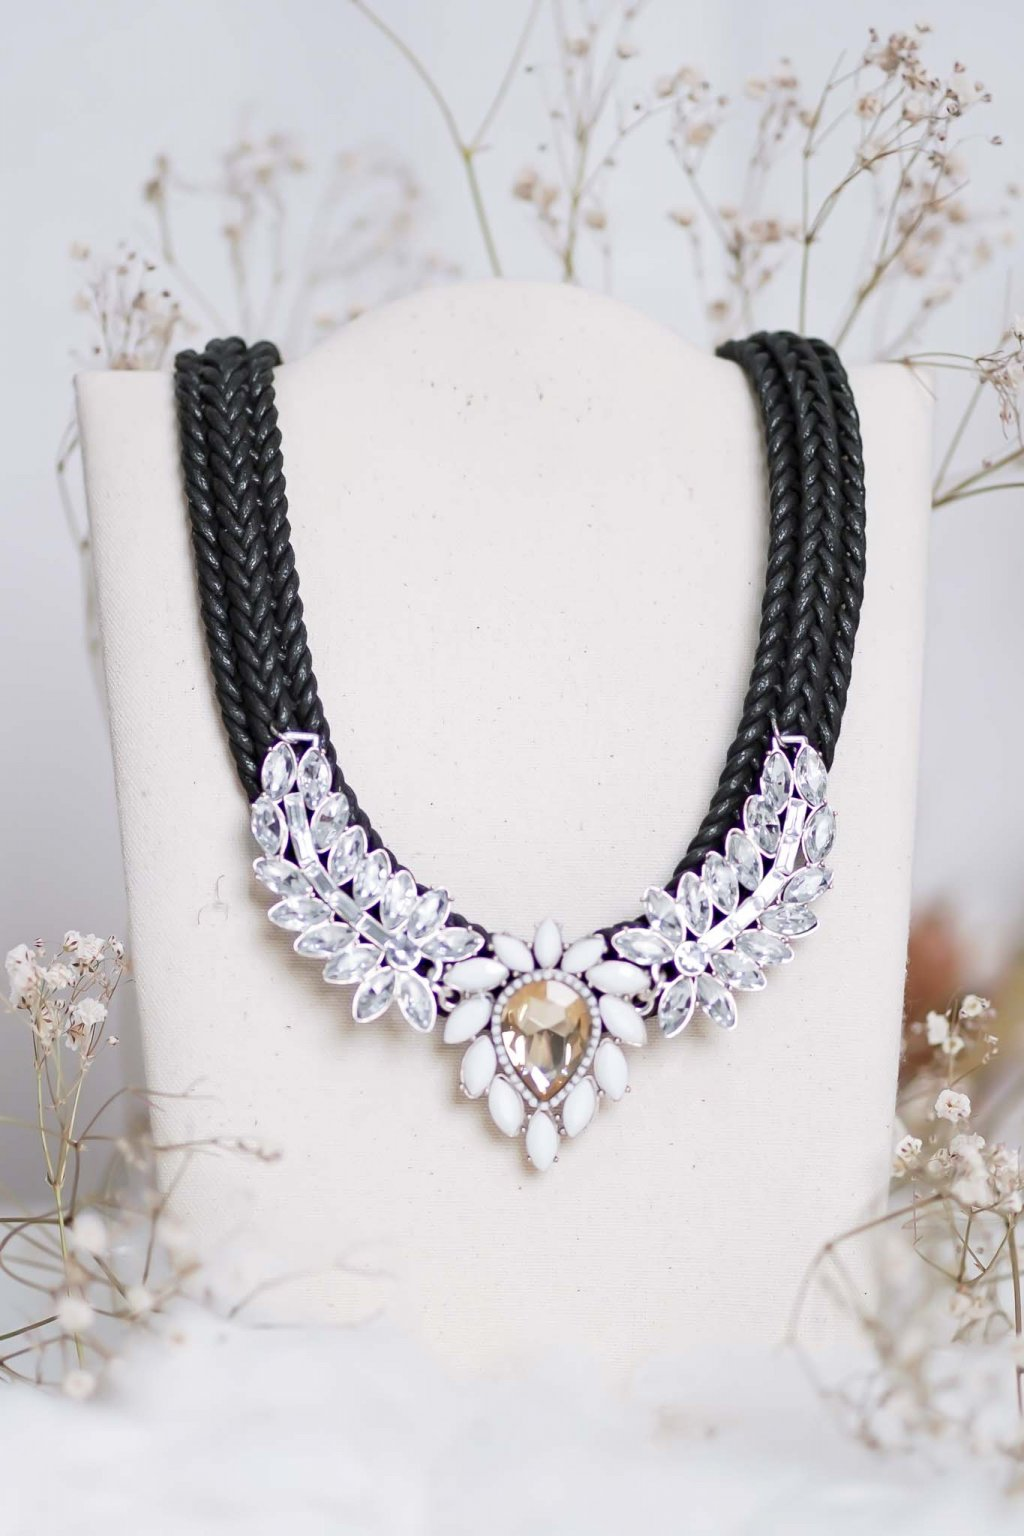 náhrdelník, spoločenský, bežný deň, kamienkový, farebný, čierny, strieborný, zelený, cyklamenévy, náhrdelník, bižuteria, šperk, šperky, ples, stužková, svadba, 052